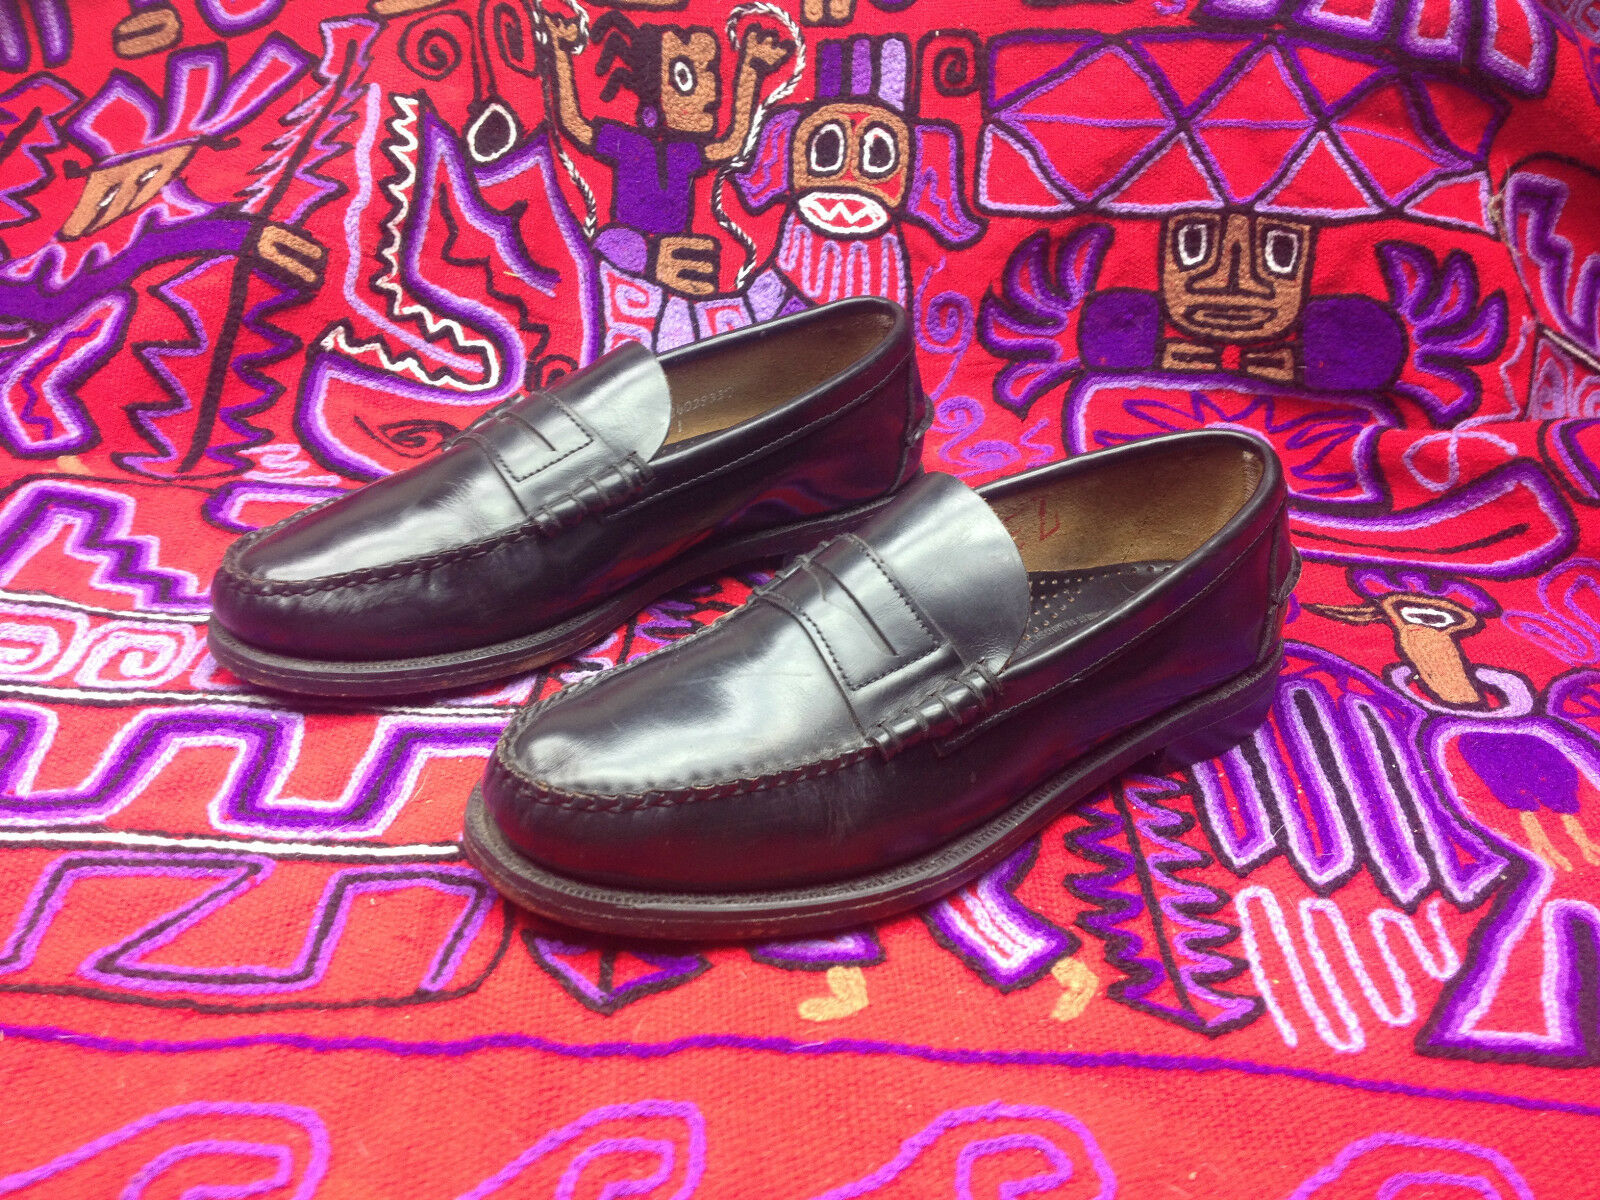 negozio fa acquisti e vendite USA SEBAGO nero LEATHER LEATHER LEATHER SLIP ON PENNY LOAFER DRIVING WEEKEND scarpe  8.5 M  prezzi bassi di tutti i giorni